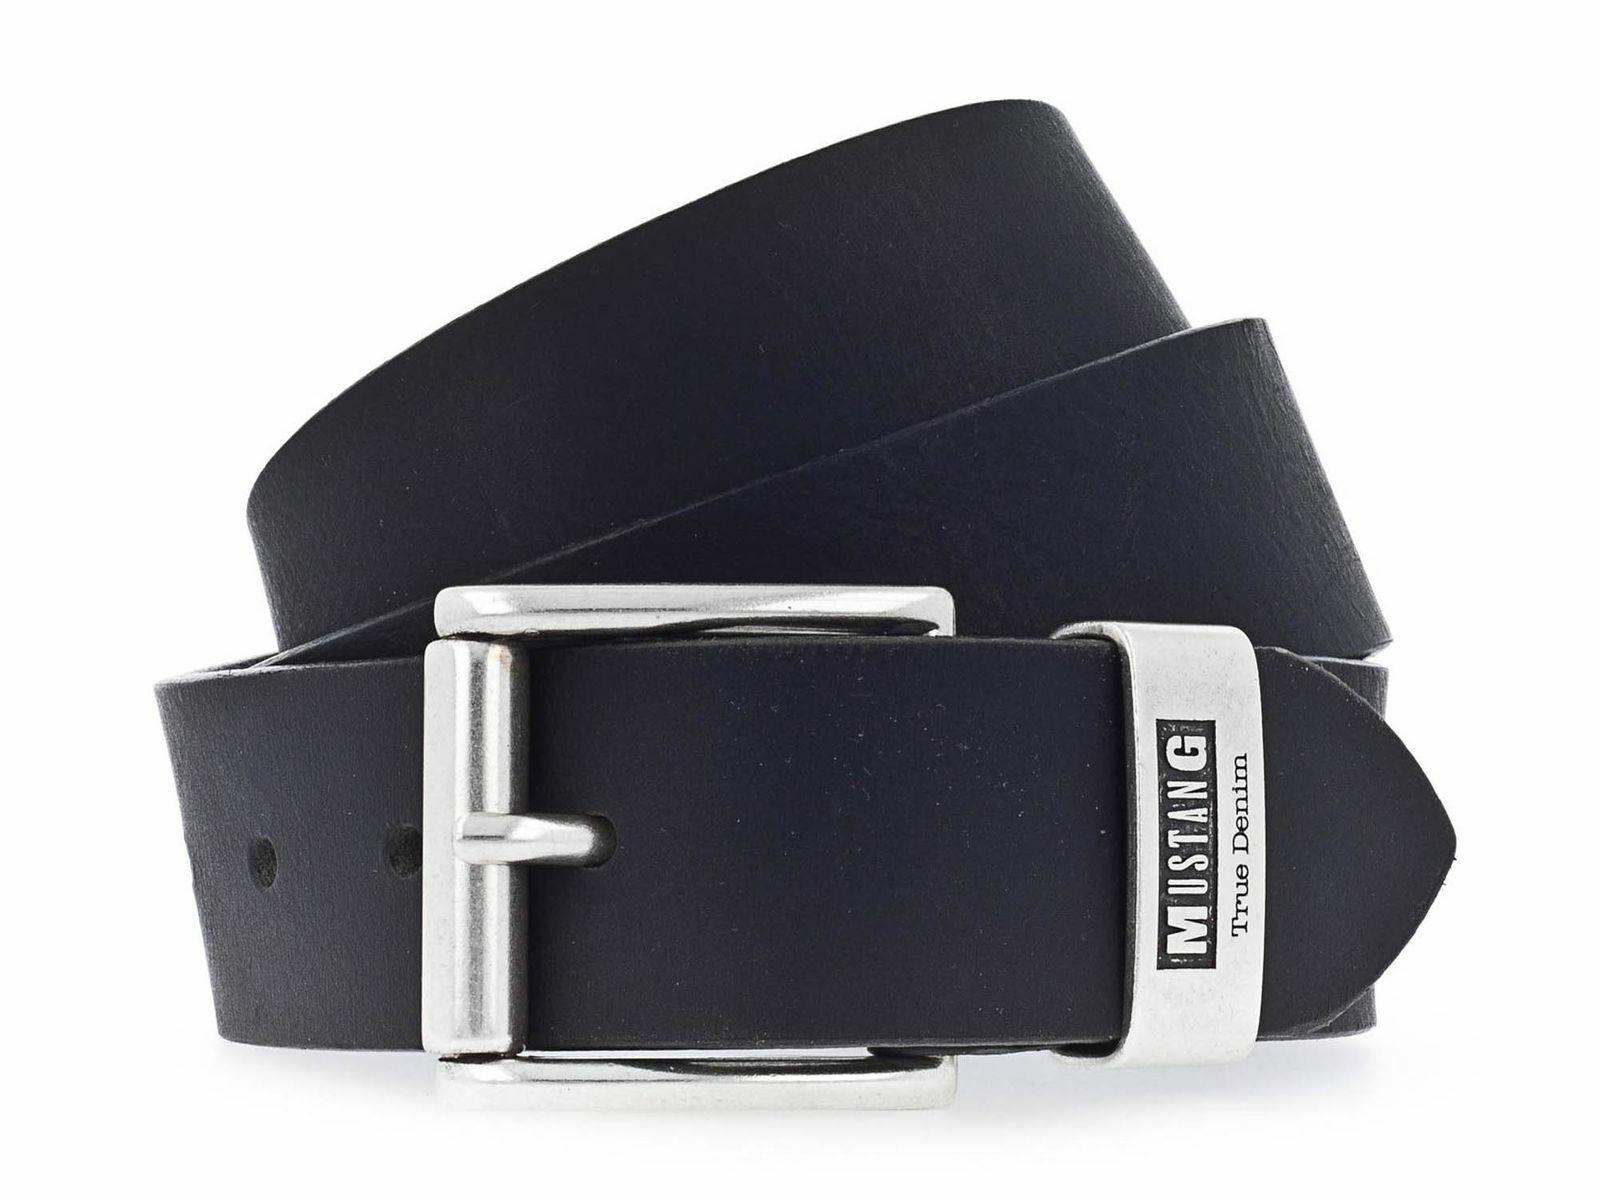 MUSTANG Belt 4.0 W120 Gürtel Accessoire Black Schwarz Neu